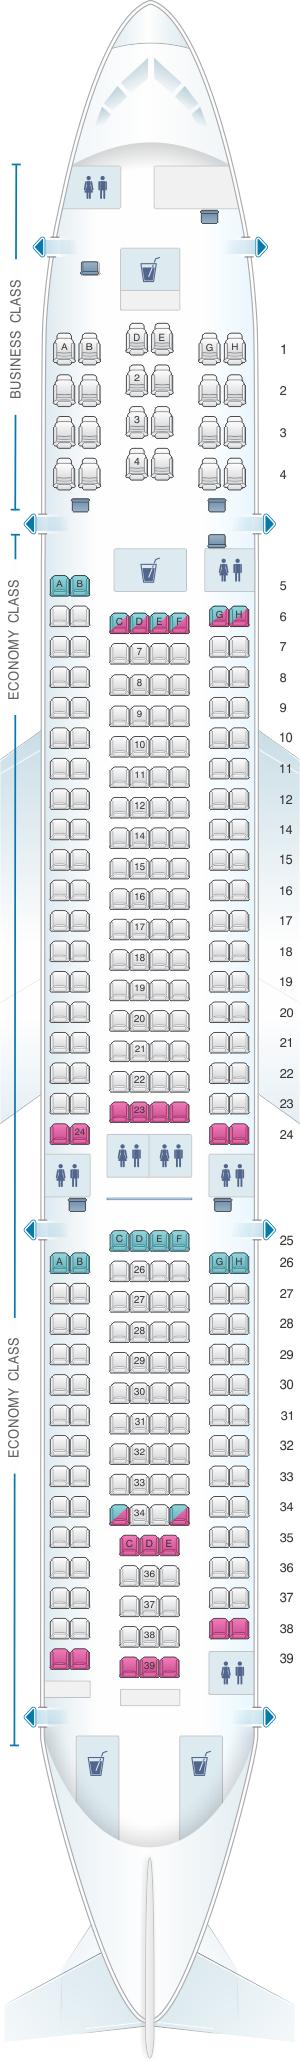 Seat Map Air Mauritius Airbus A330 200